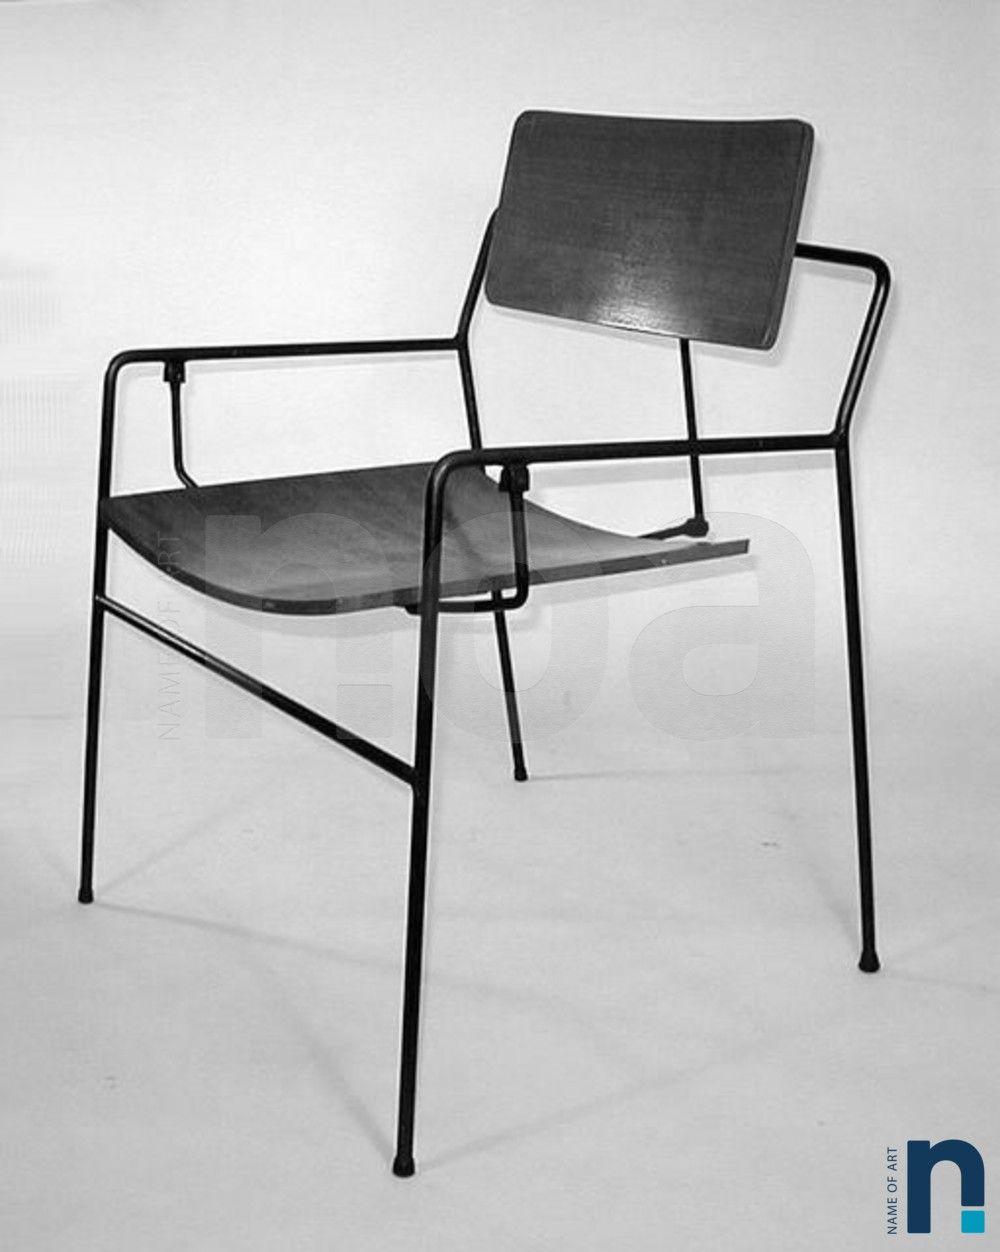 fauteuil bridge design de Arthur Umanoff éditions Elton de 1950